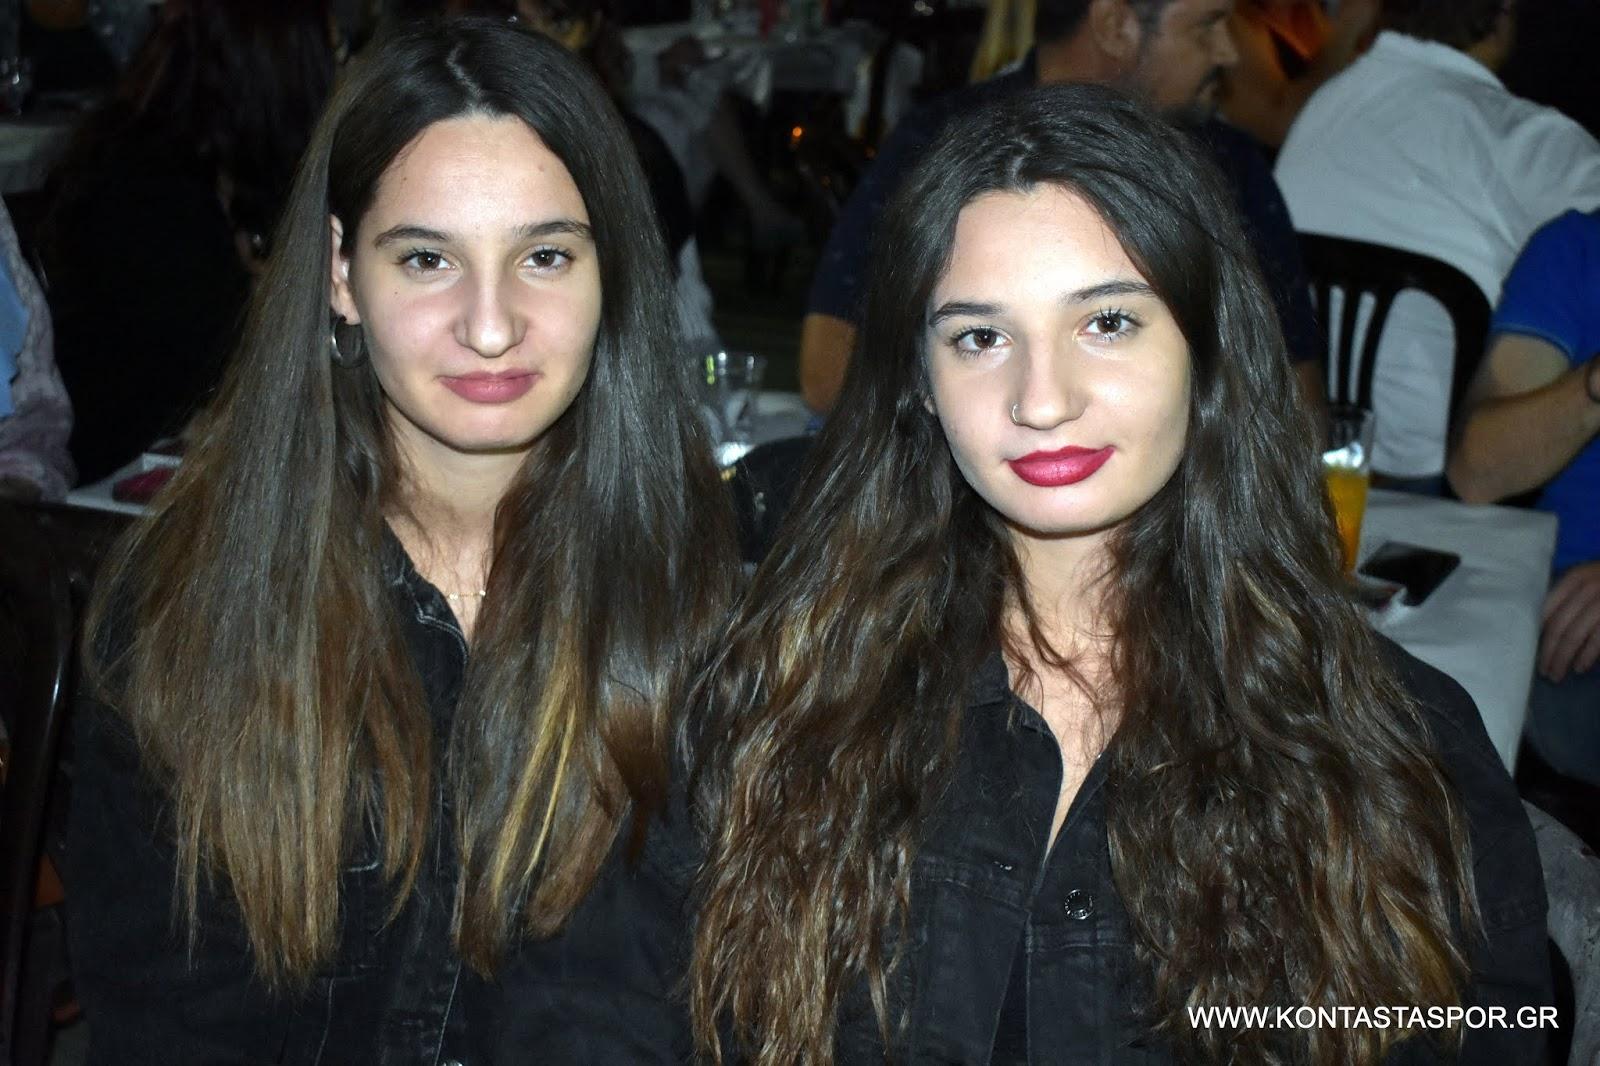 Με επιτυχία η λαική βραδιά  Αδαμαντίδη στα Ψαχνά (φωτογραφίες) 1 DSC 0097